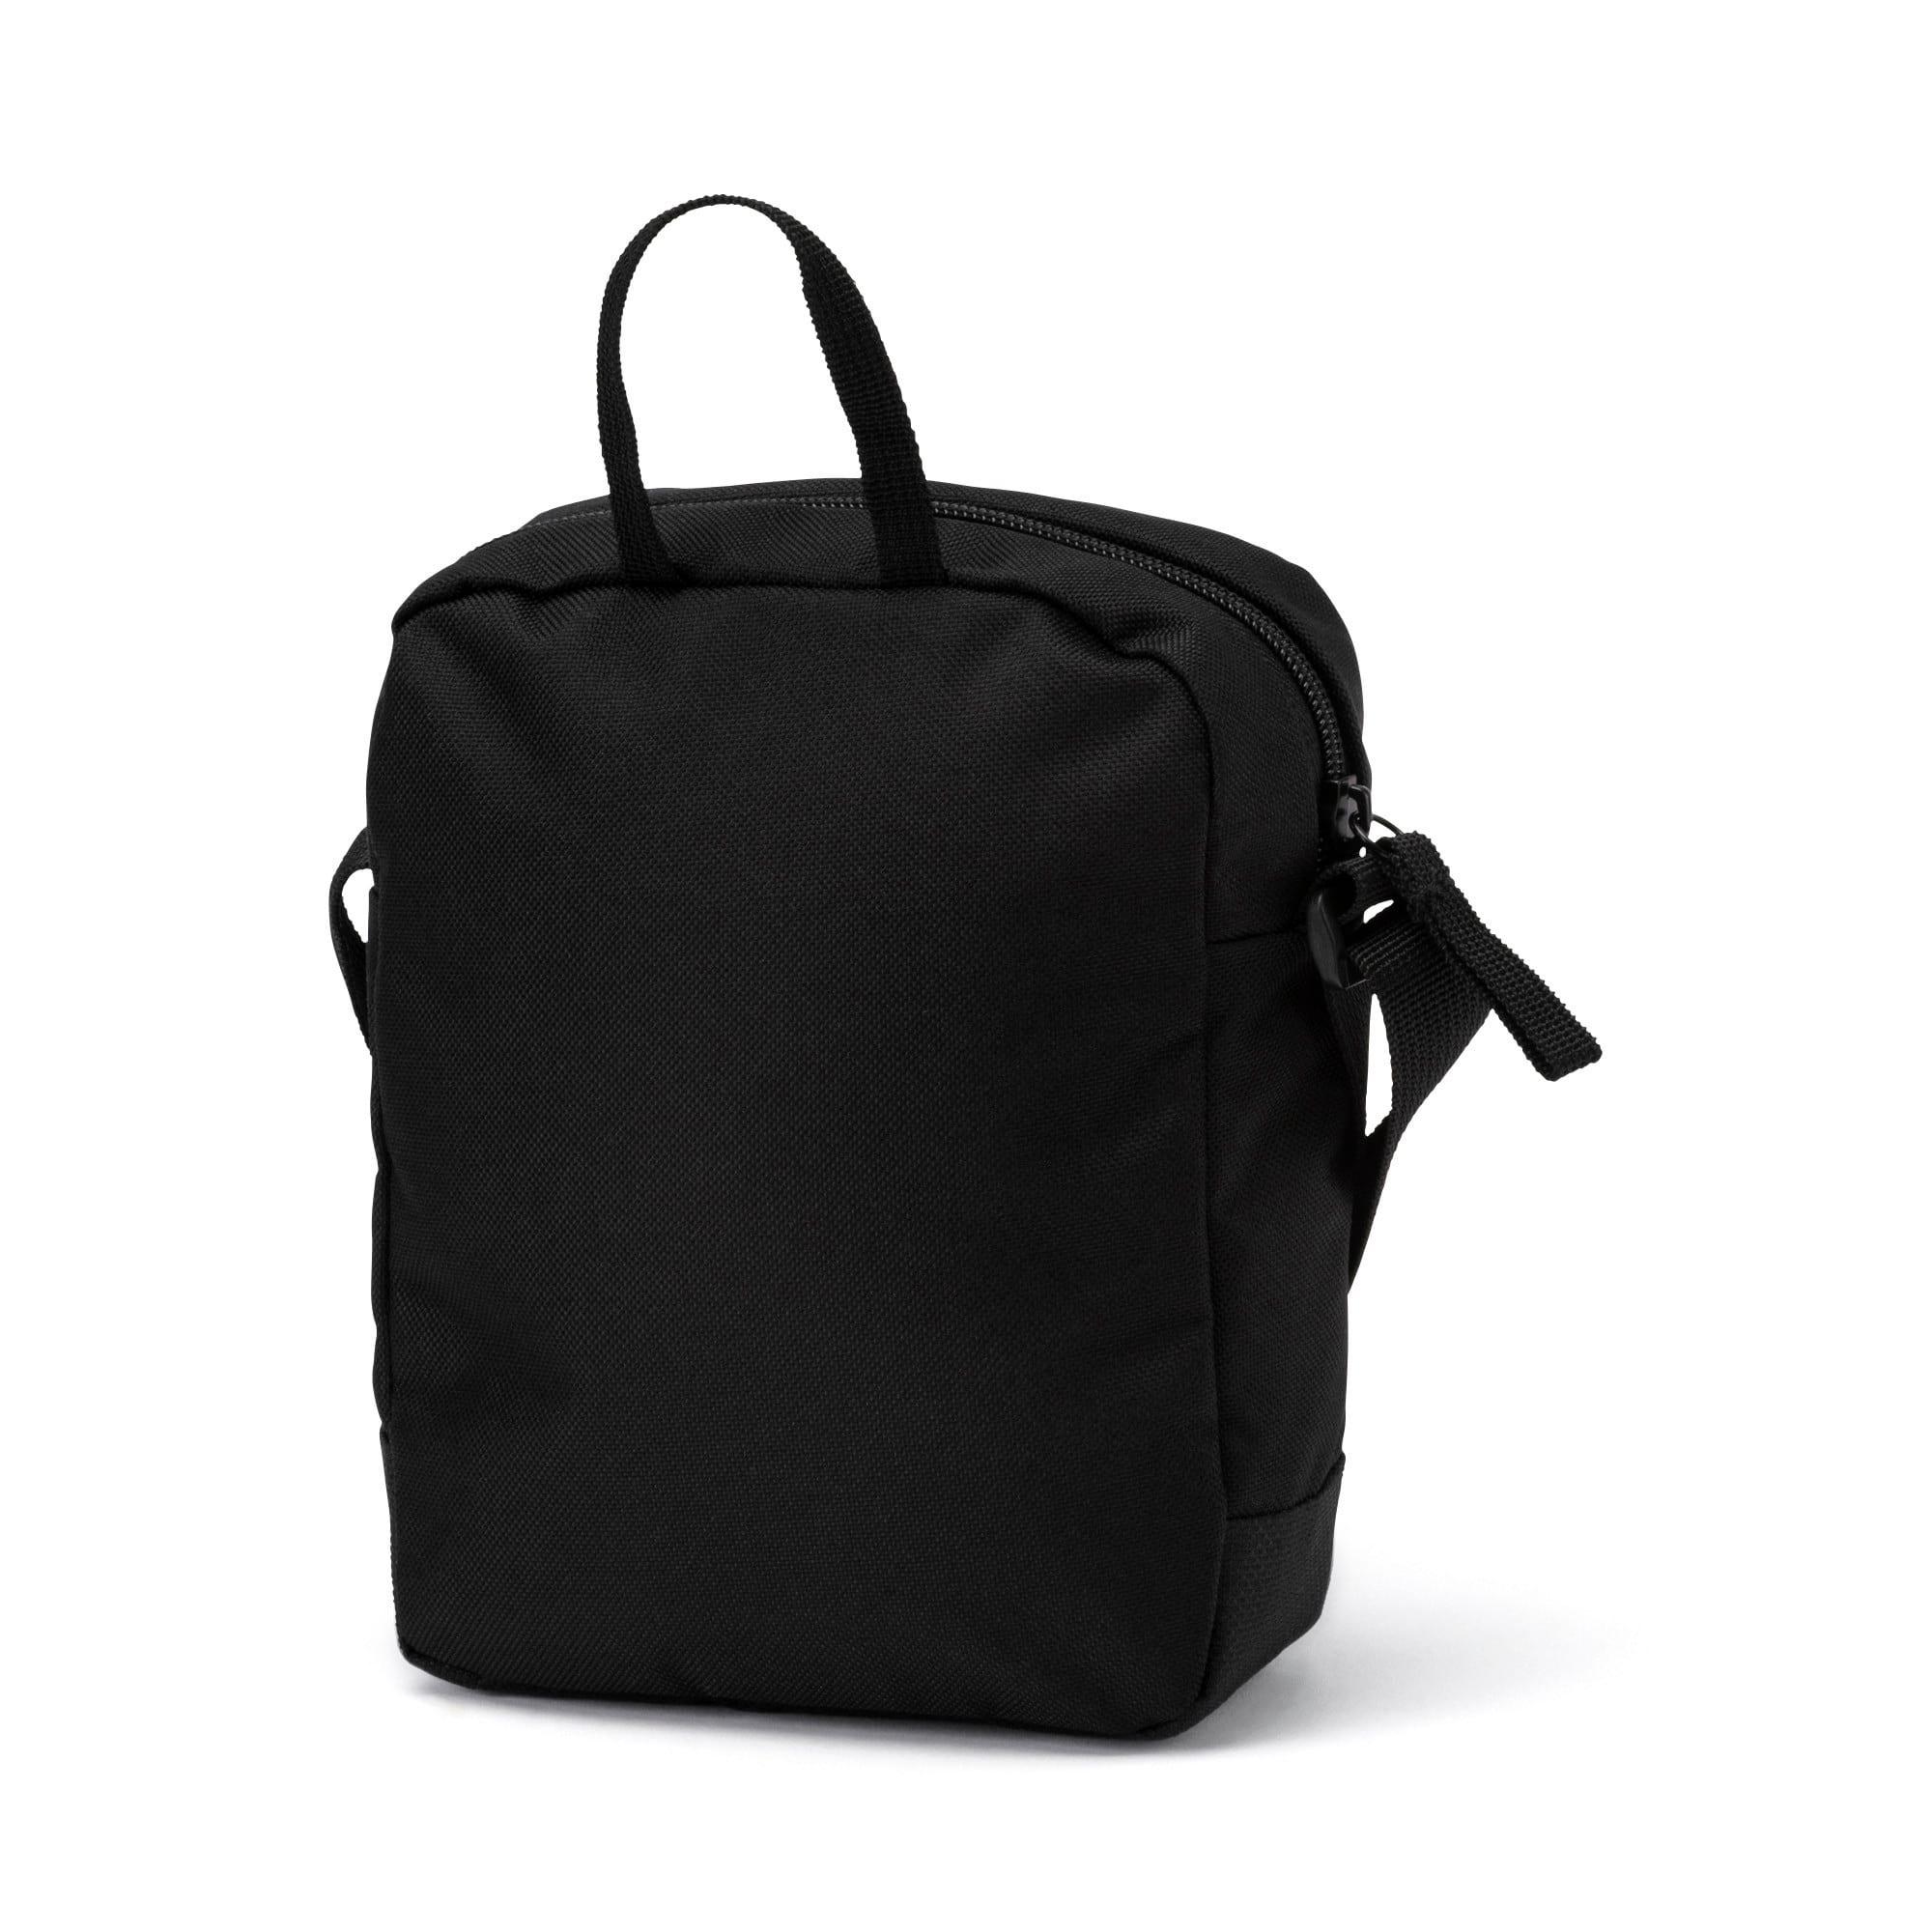 Thumbnail 2 of PUMA Vibe Portable Shoulder Bag, Puma Black, medium-IND